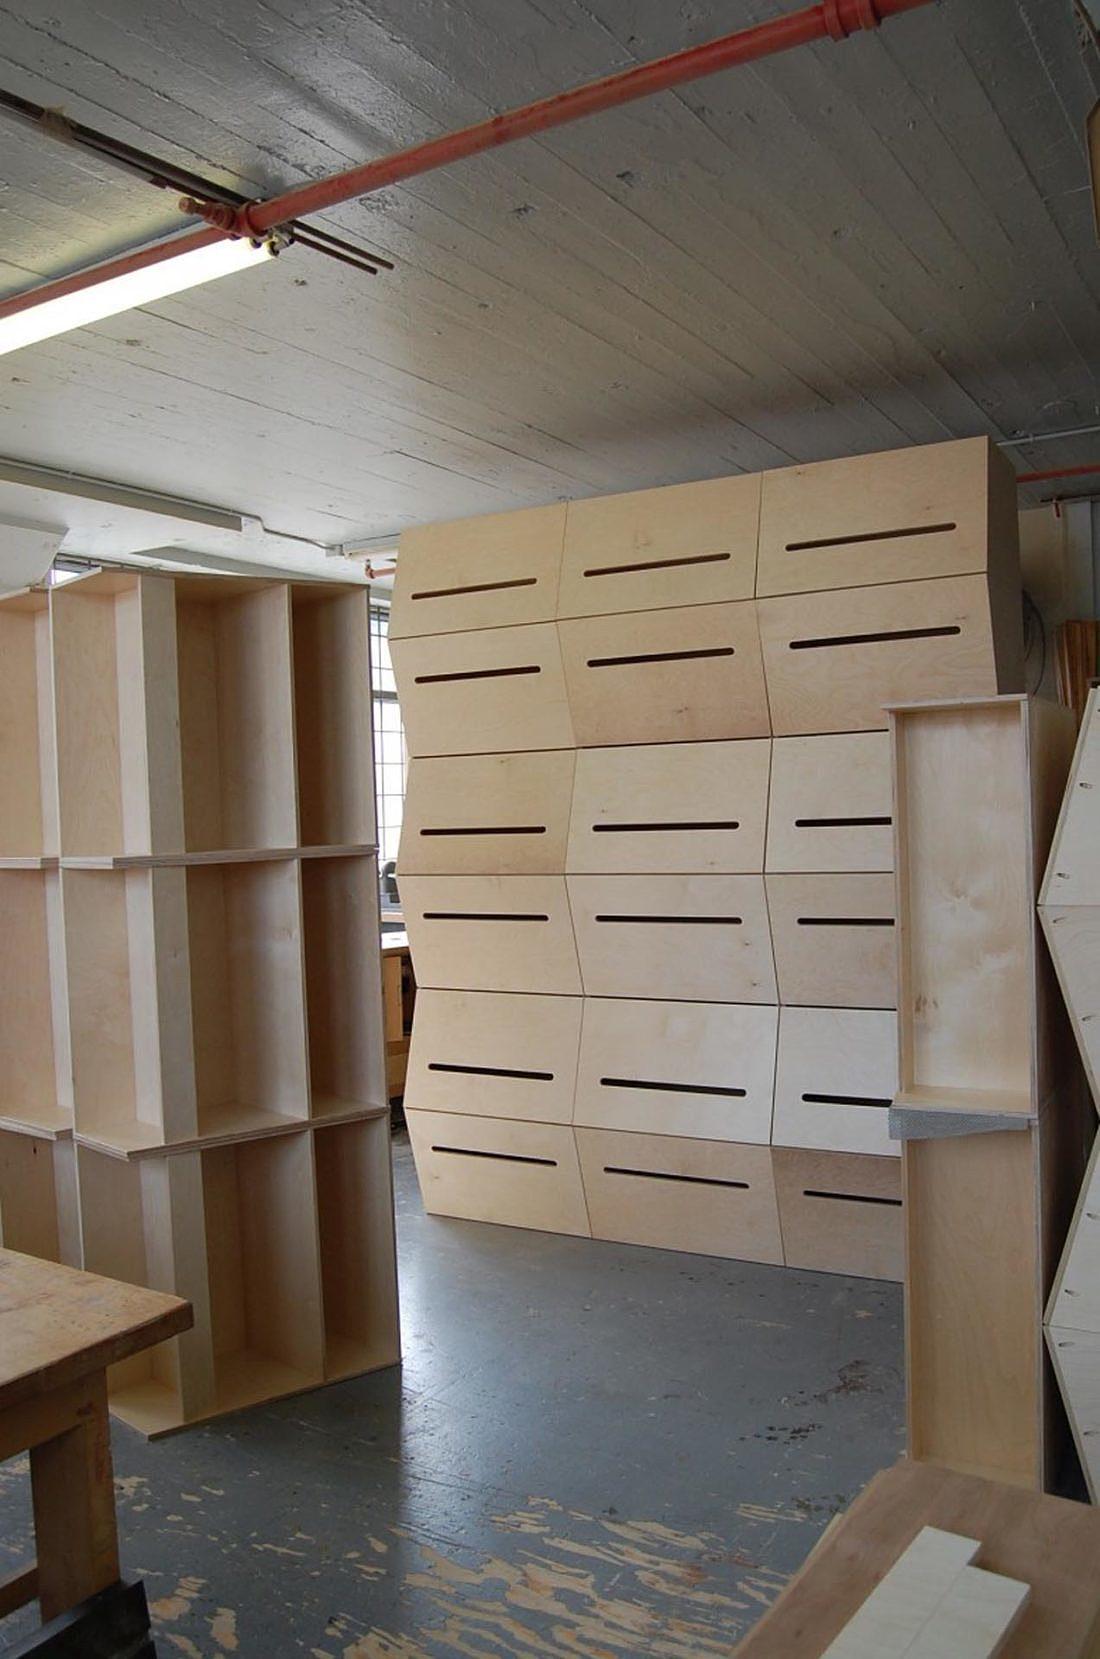 casier-bois-matpel-ebenisterie